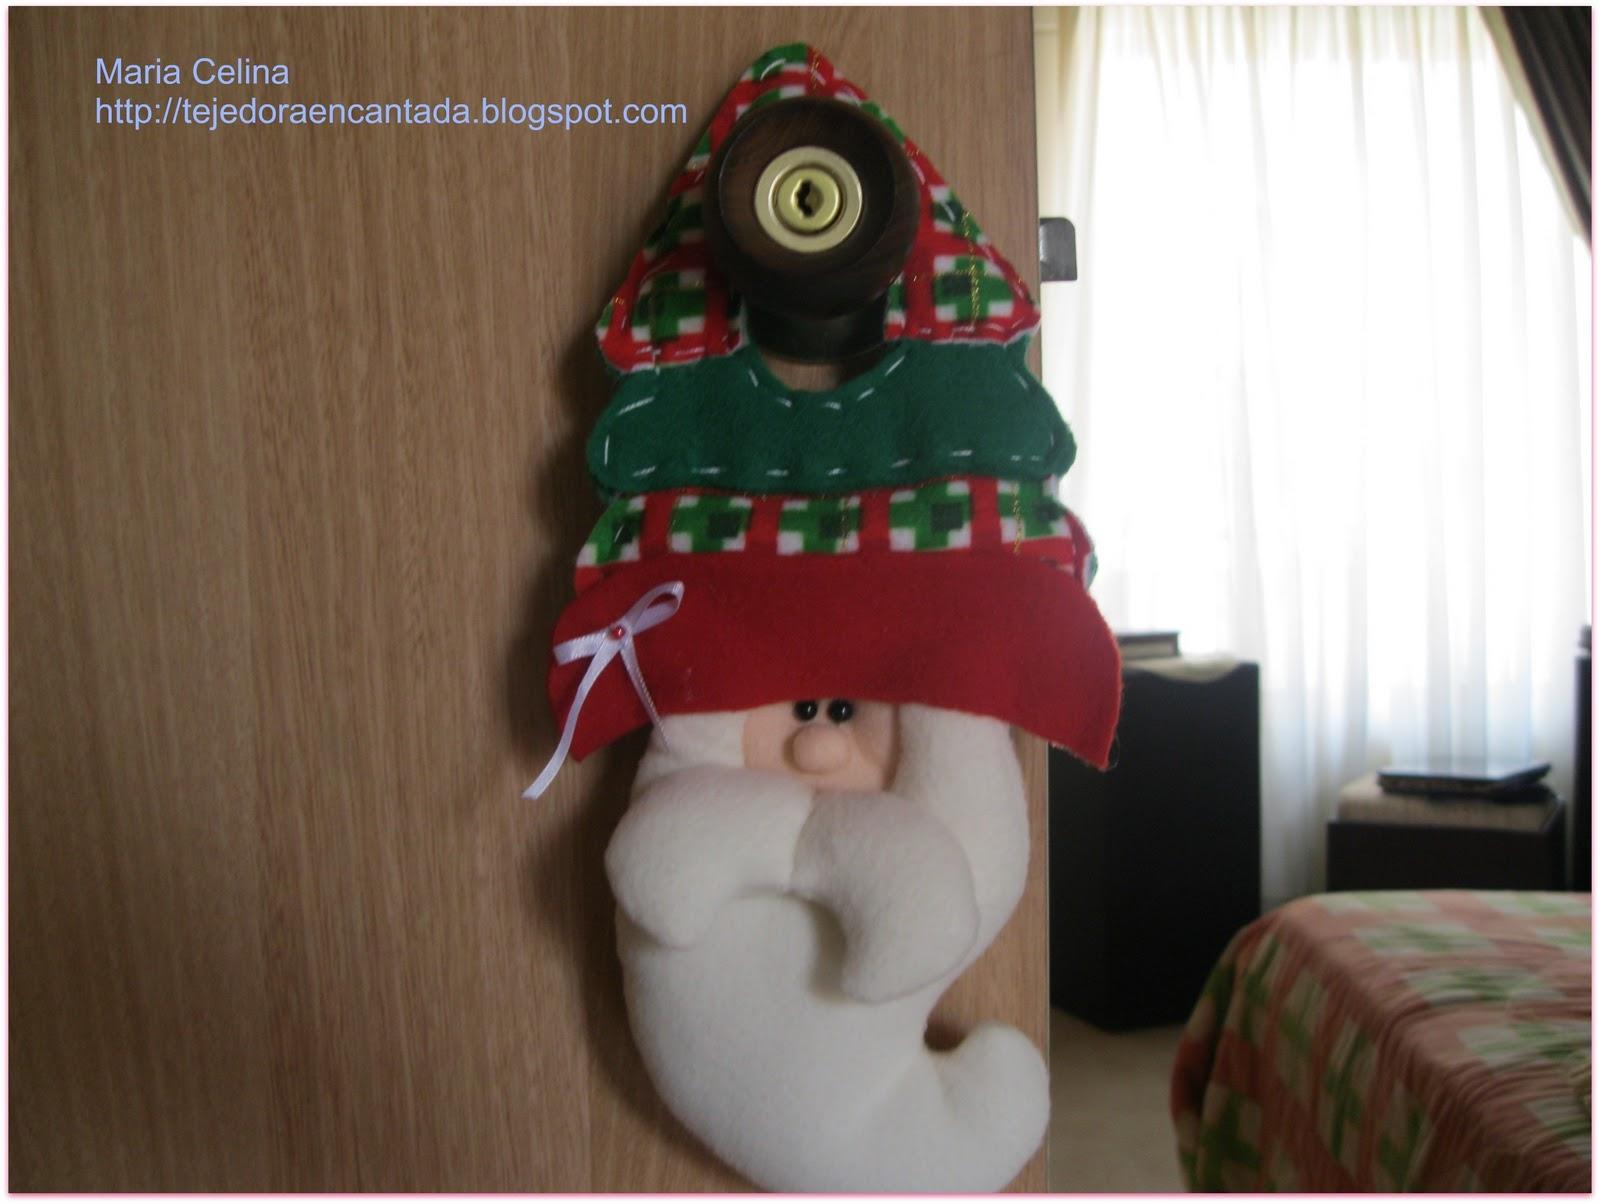 ... De Navidad Que He Hecho Espero Les Guste.Tu Vi At Suu Nu Mang Nam 2015